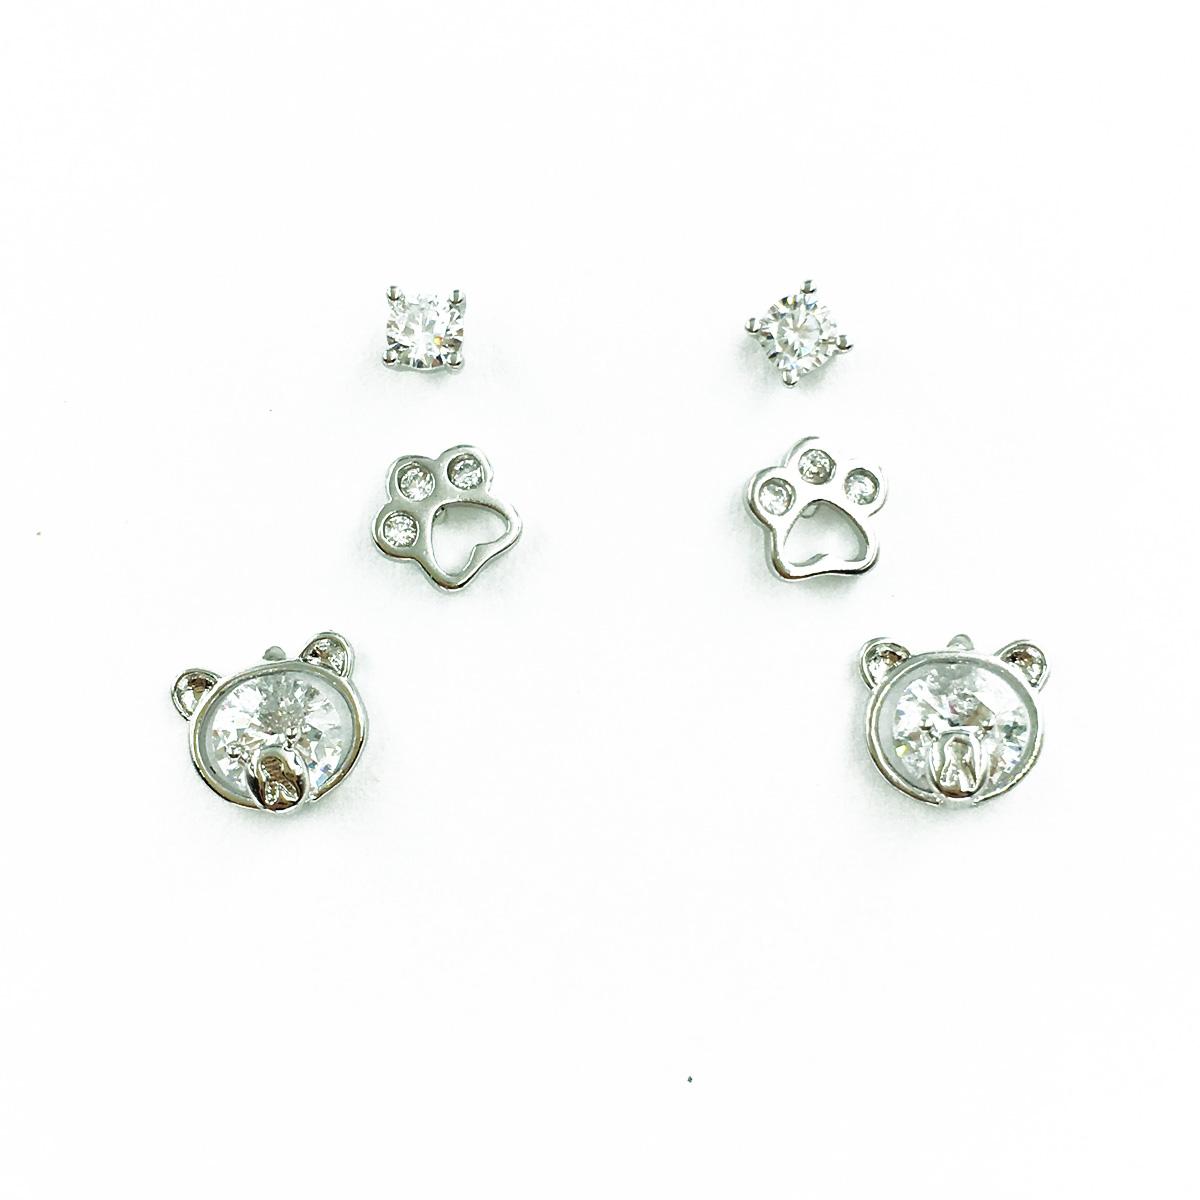 韓國 925純銀 可愛小熊 水鑽 腳印 3對組 耳針式耳環